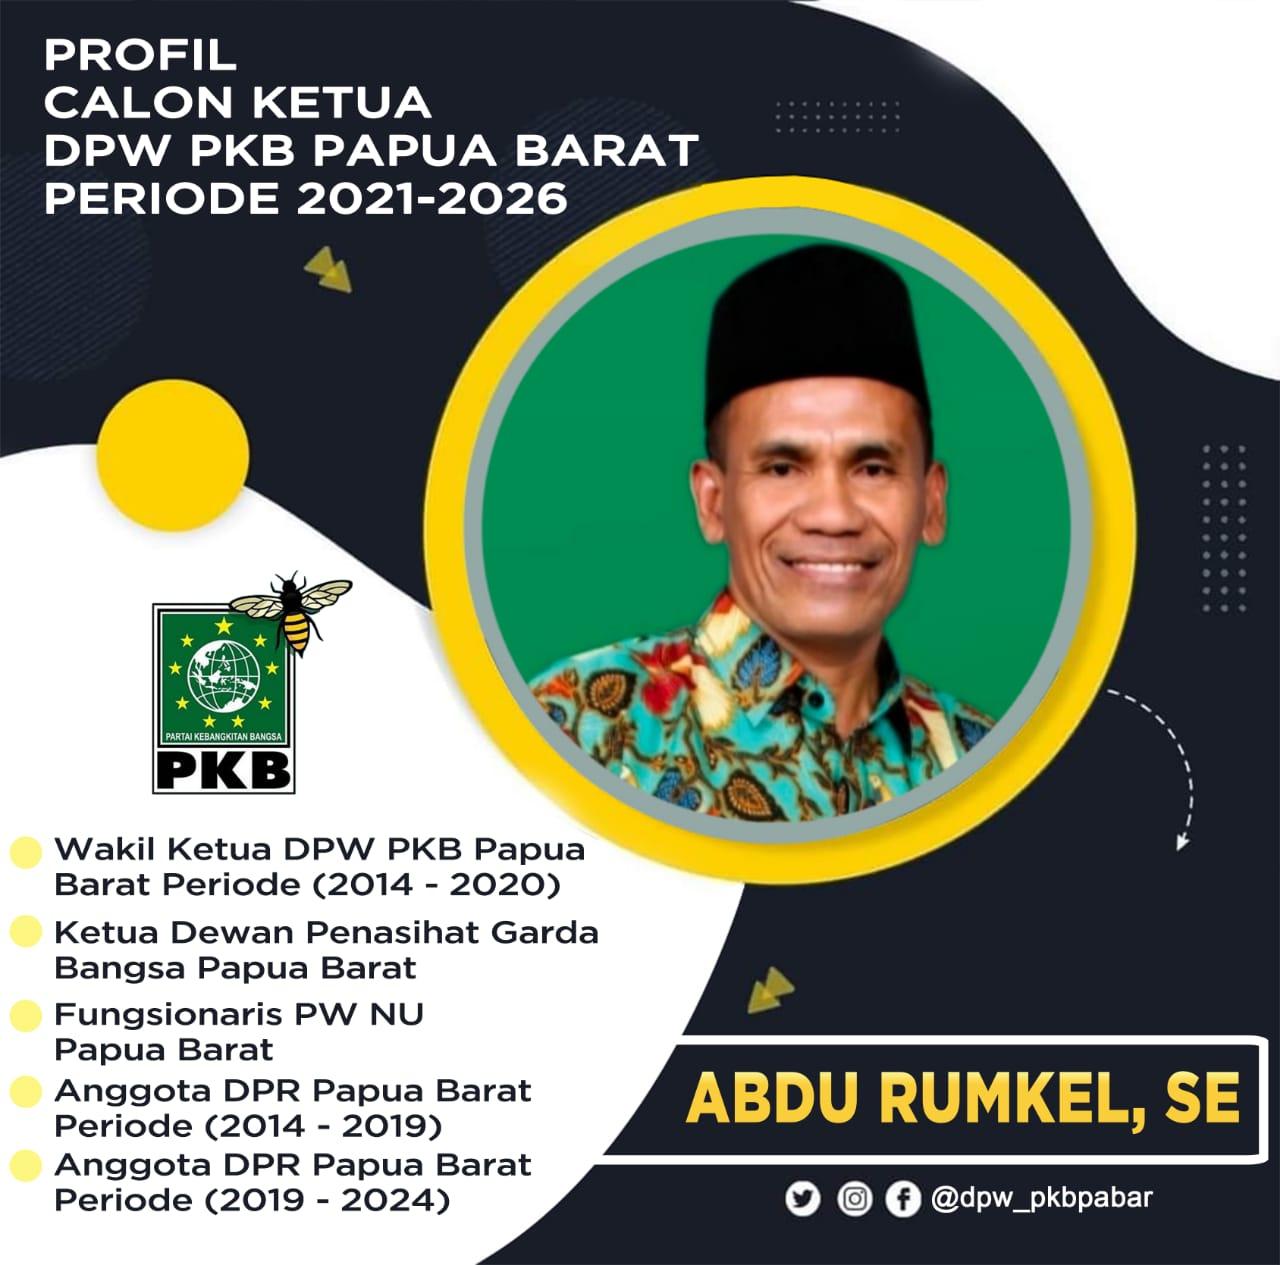 Abdu Rumkel, Bakal Calon Kandidat Ketua PKB Papua Barat 2021-2026